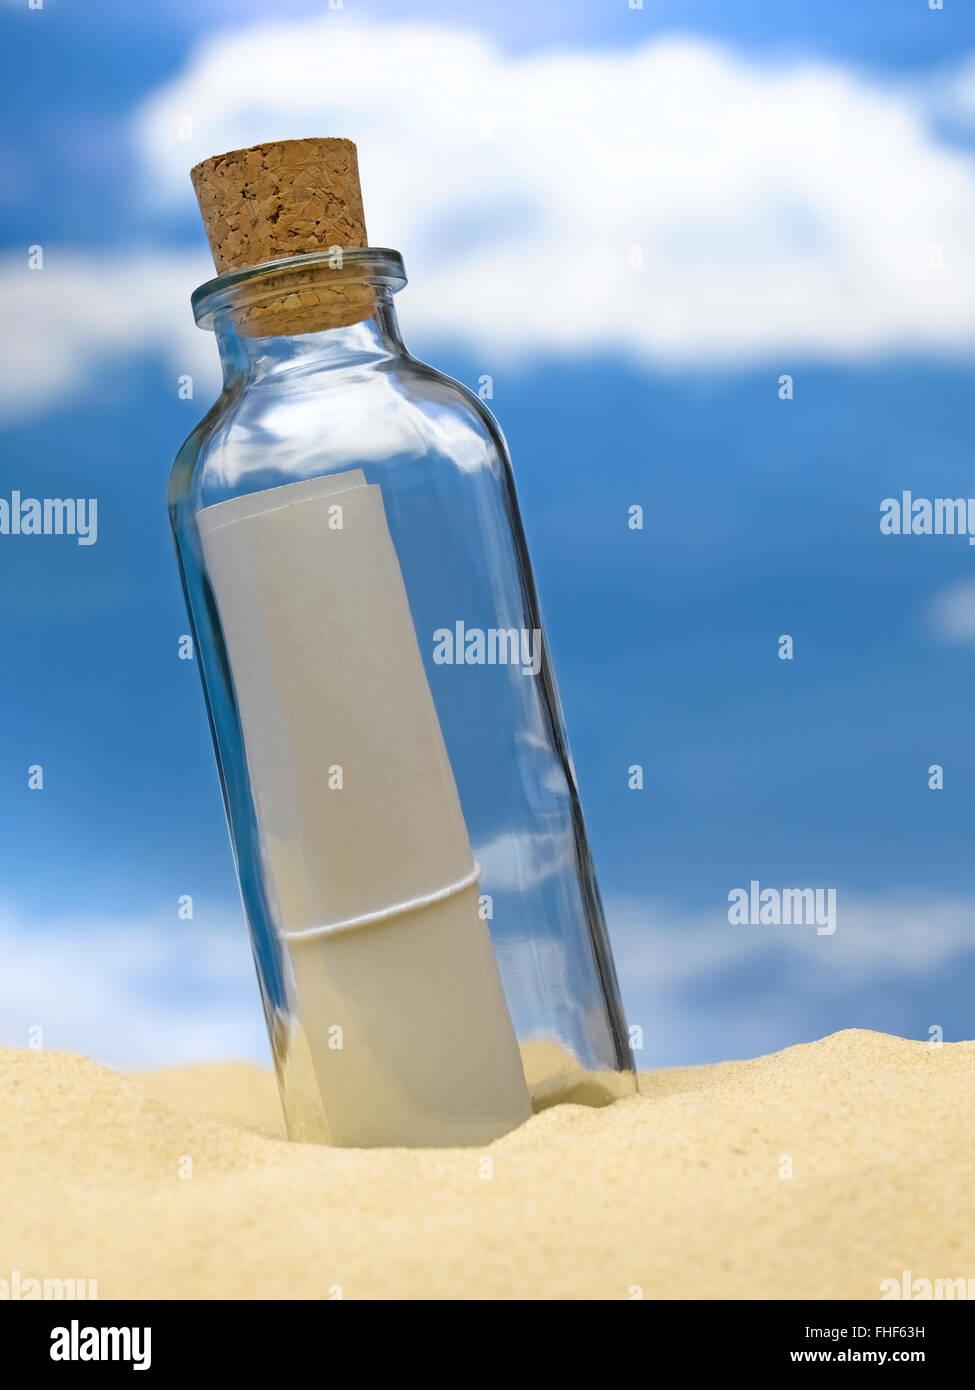 Mensaje en una botella Foto de stock